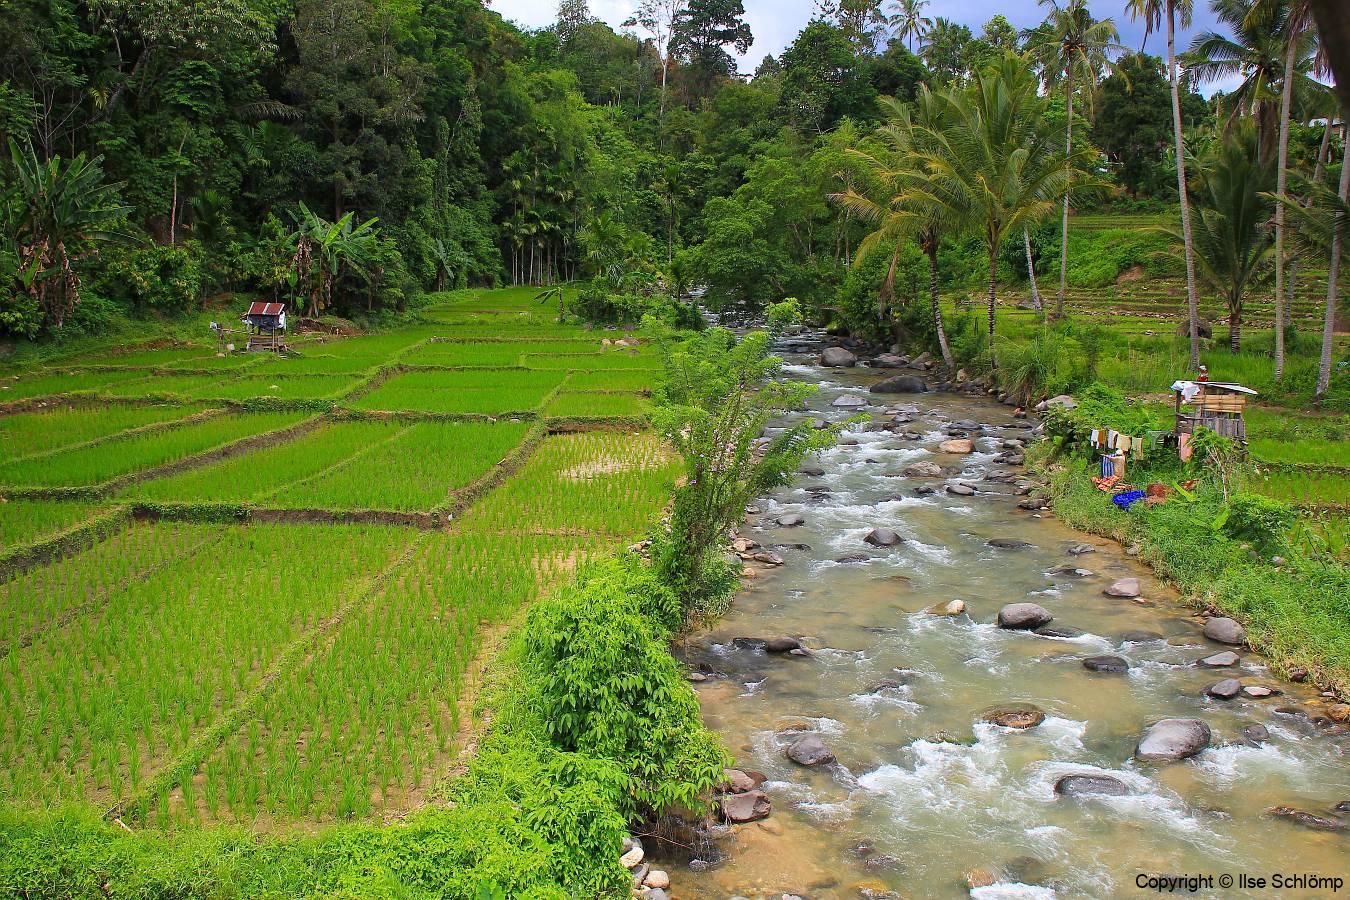 Sumatra, Umgebung Bukittinggi, Reisfelder